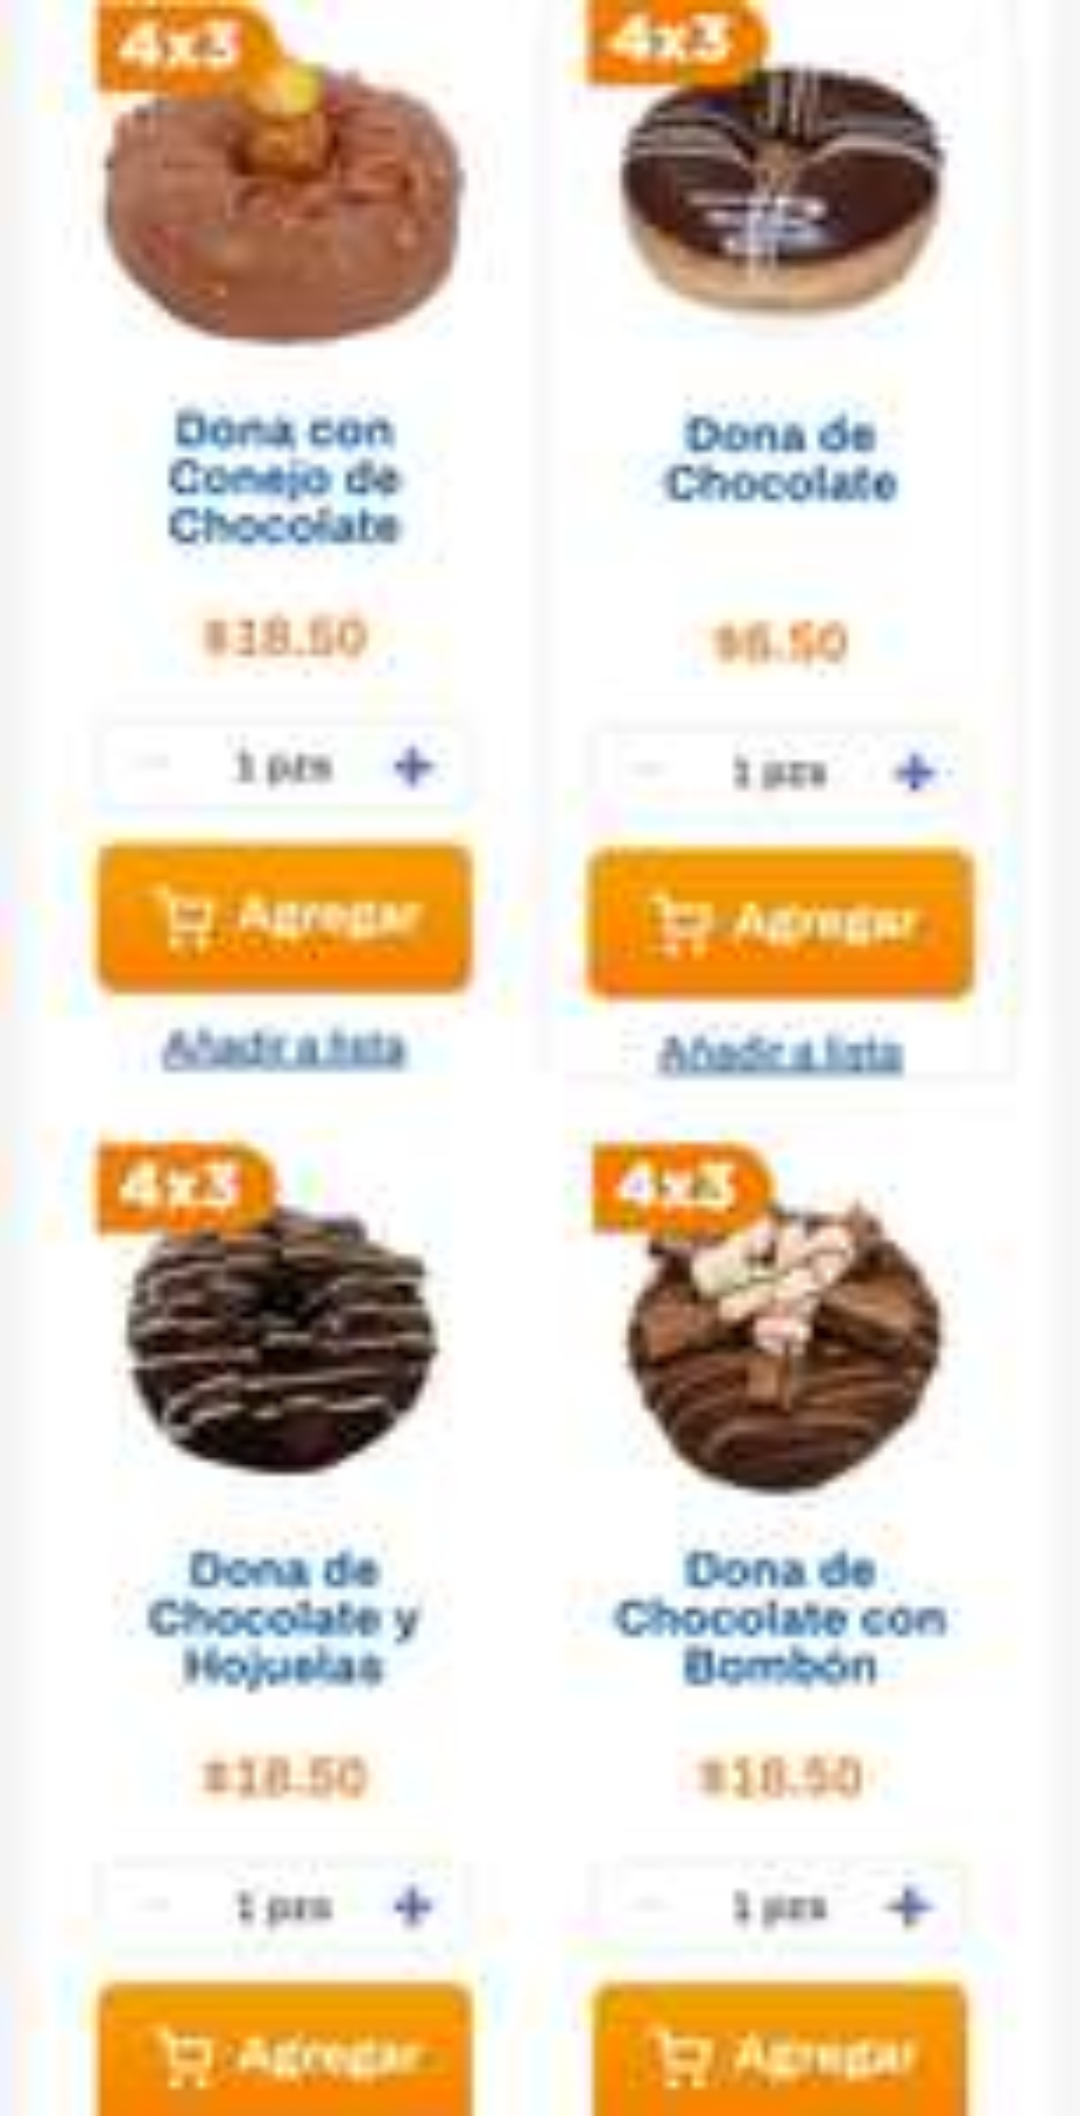 Chedraui: 4 x 3 en donas seleccionadas del departamento de panadería